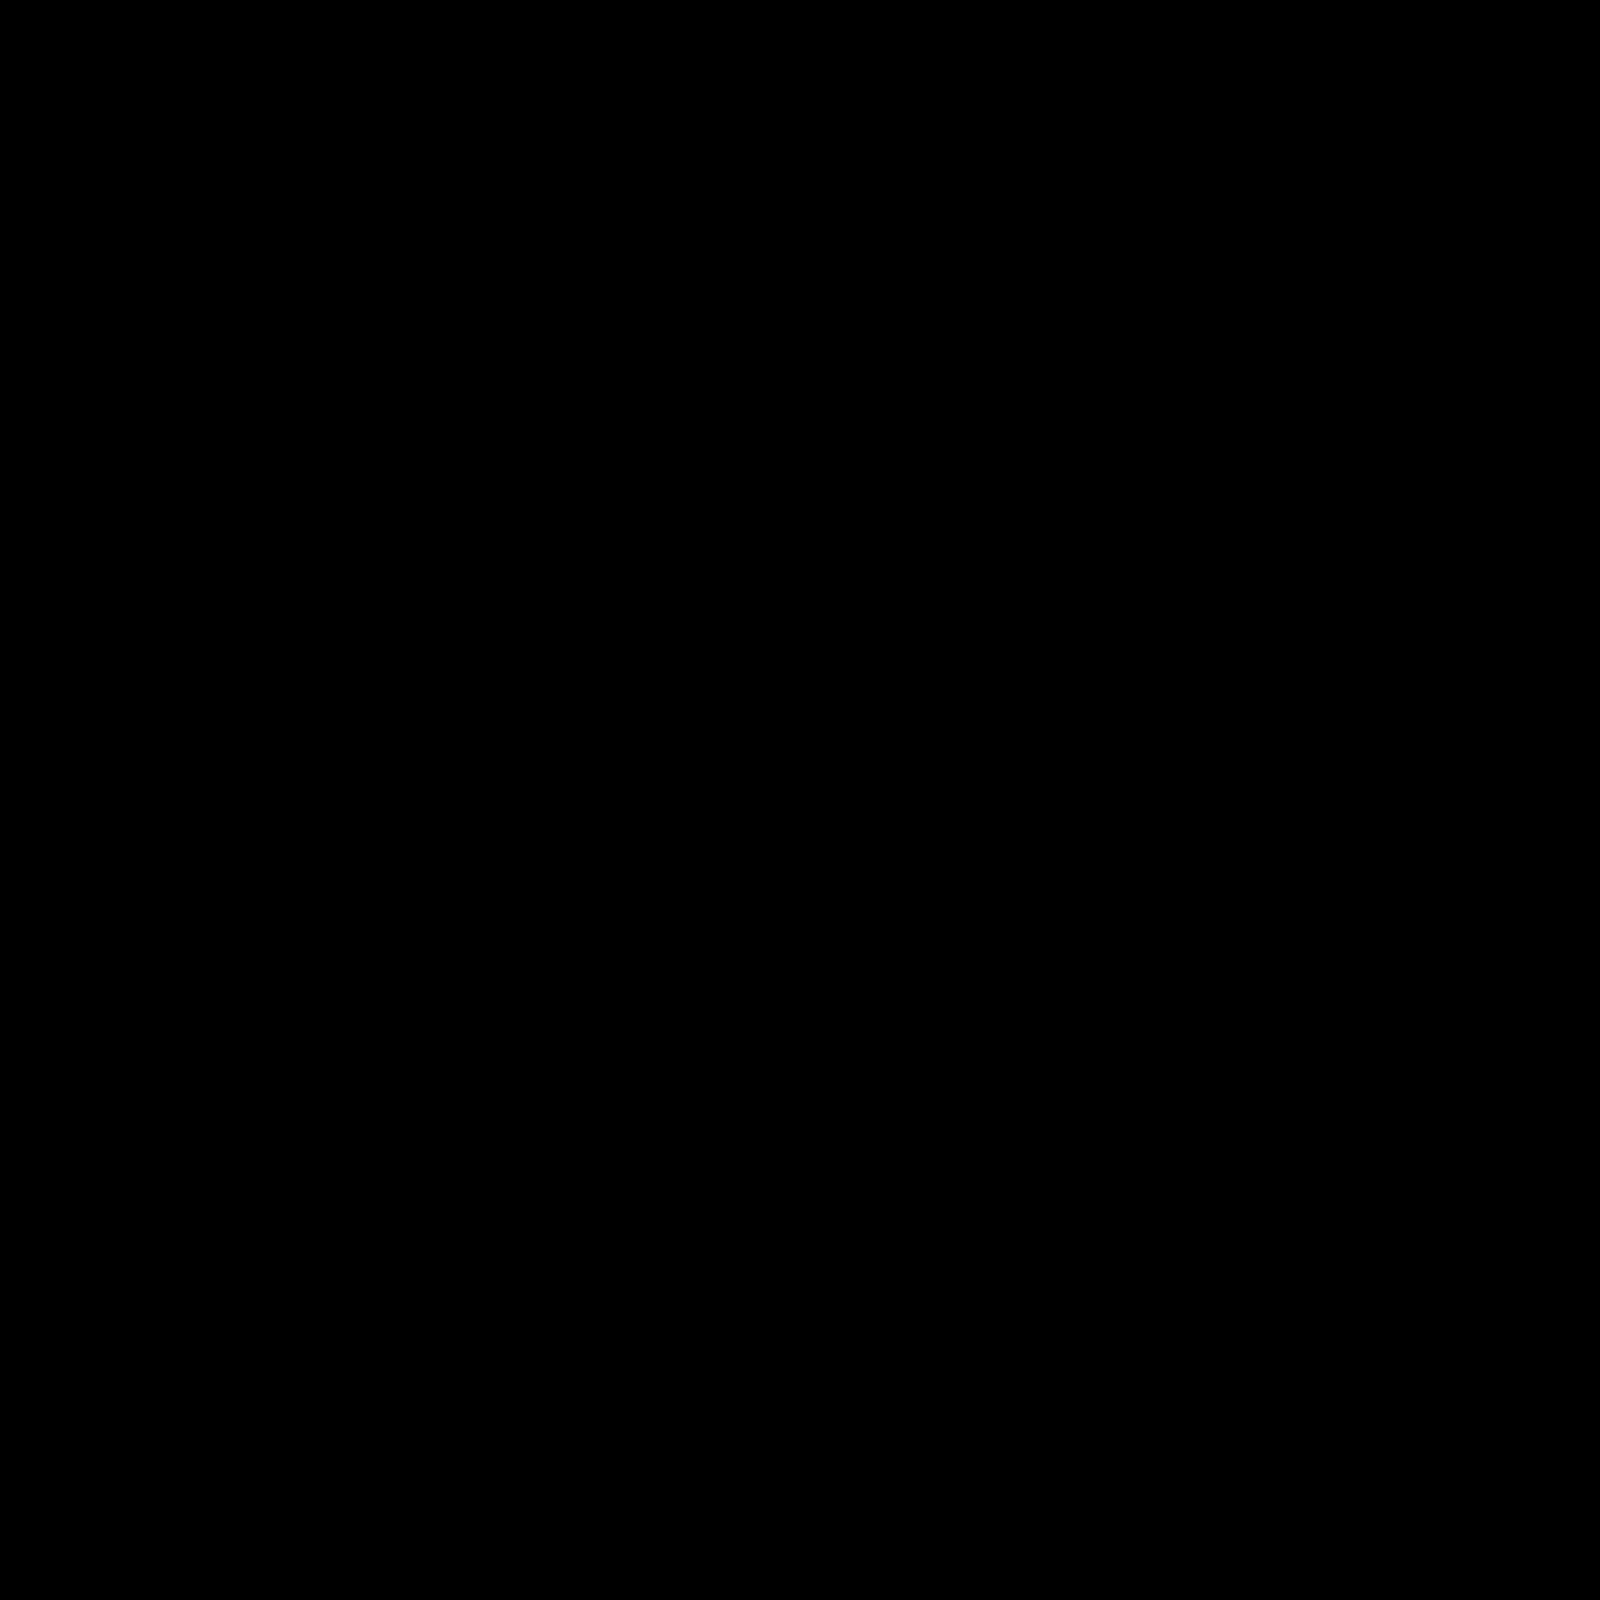 1600x1600 Courthouse Icon